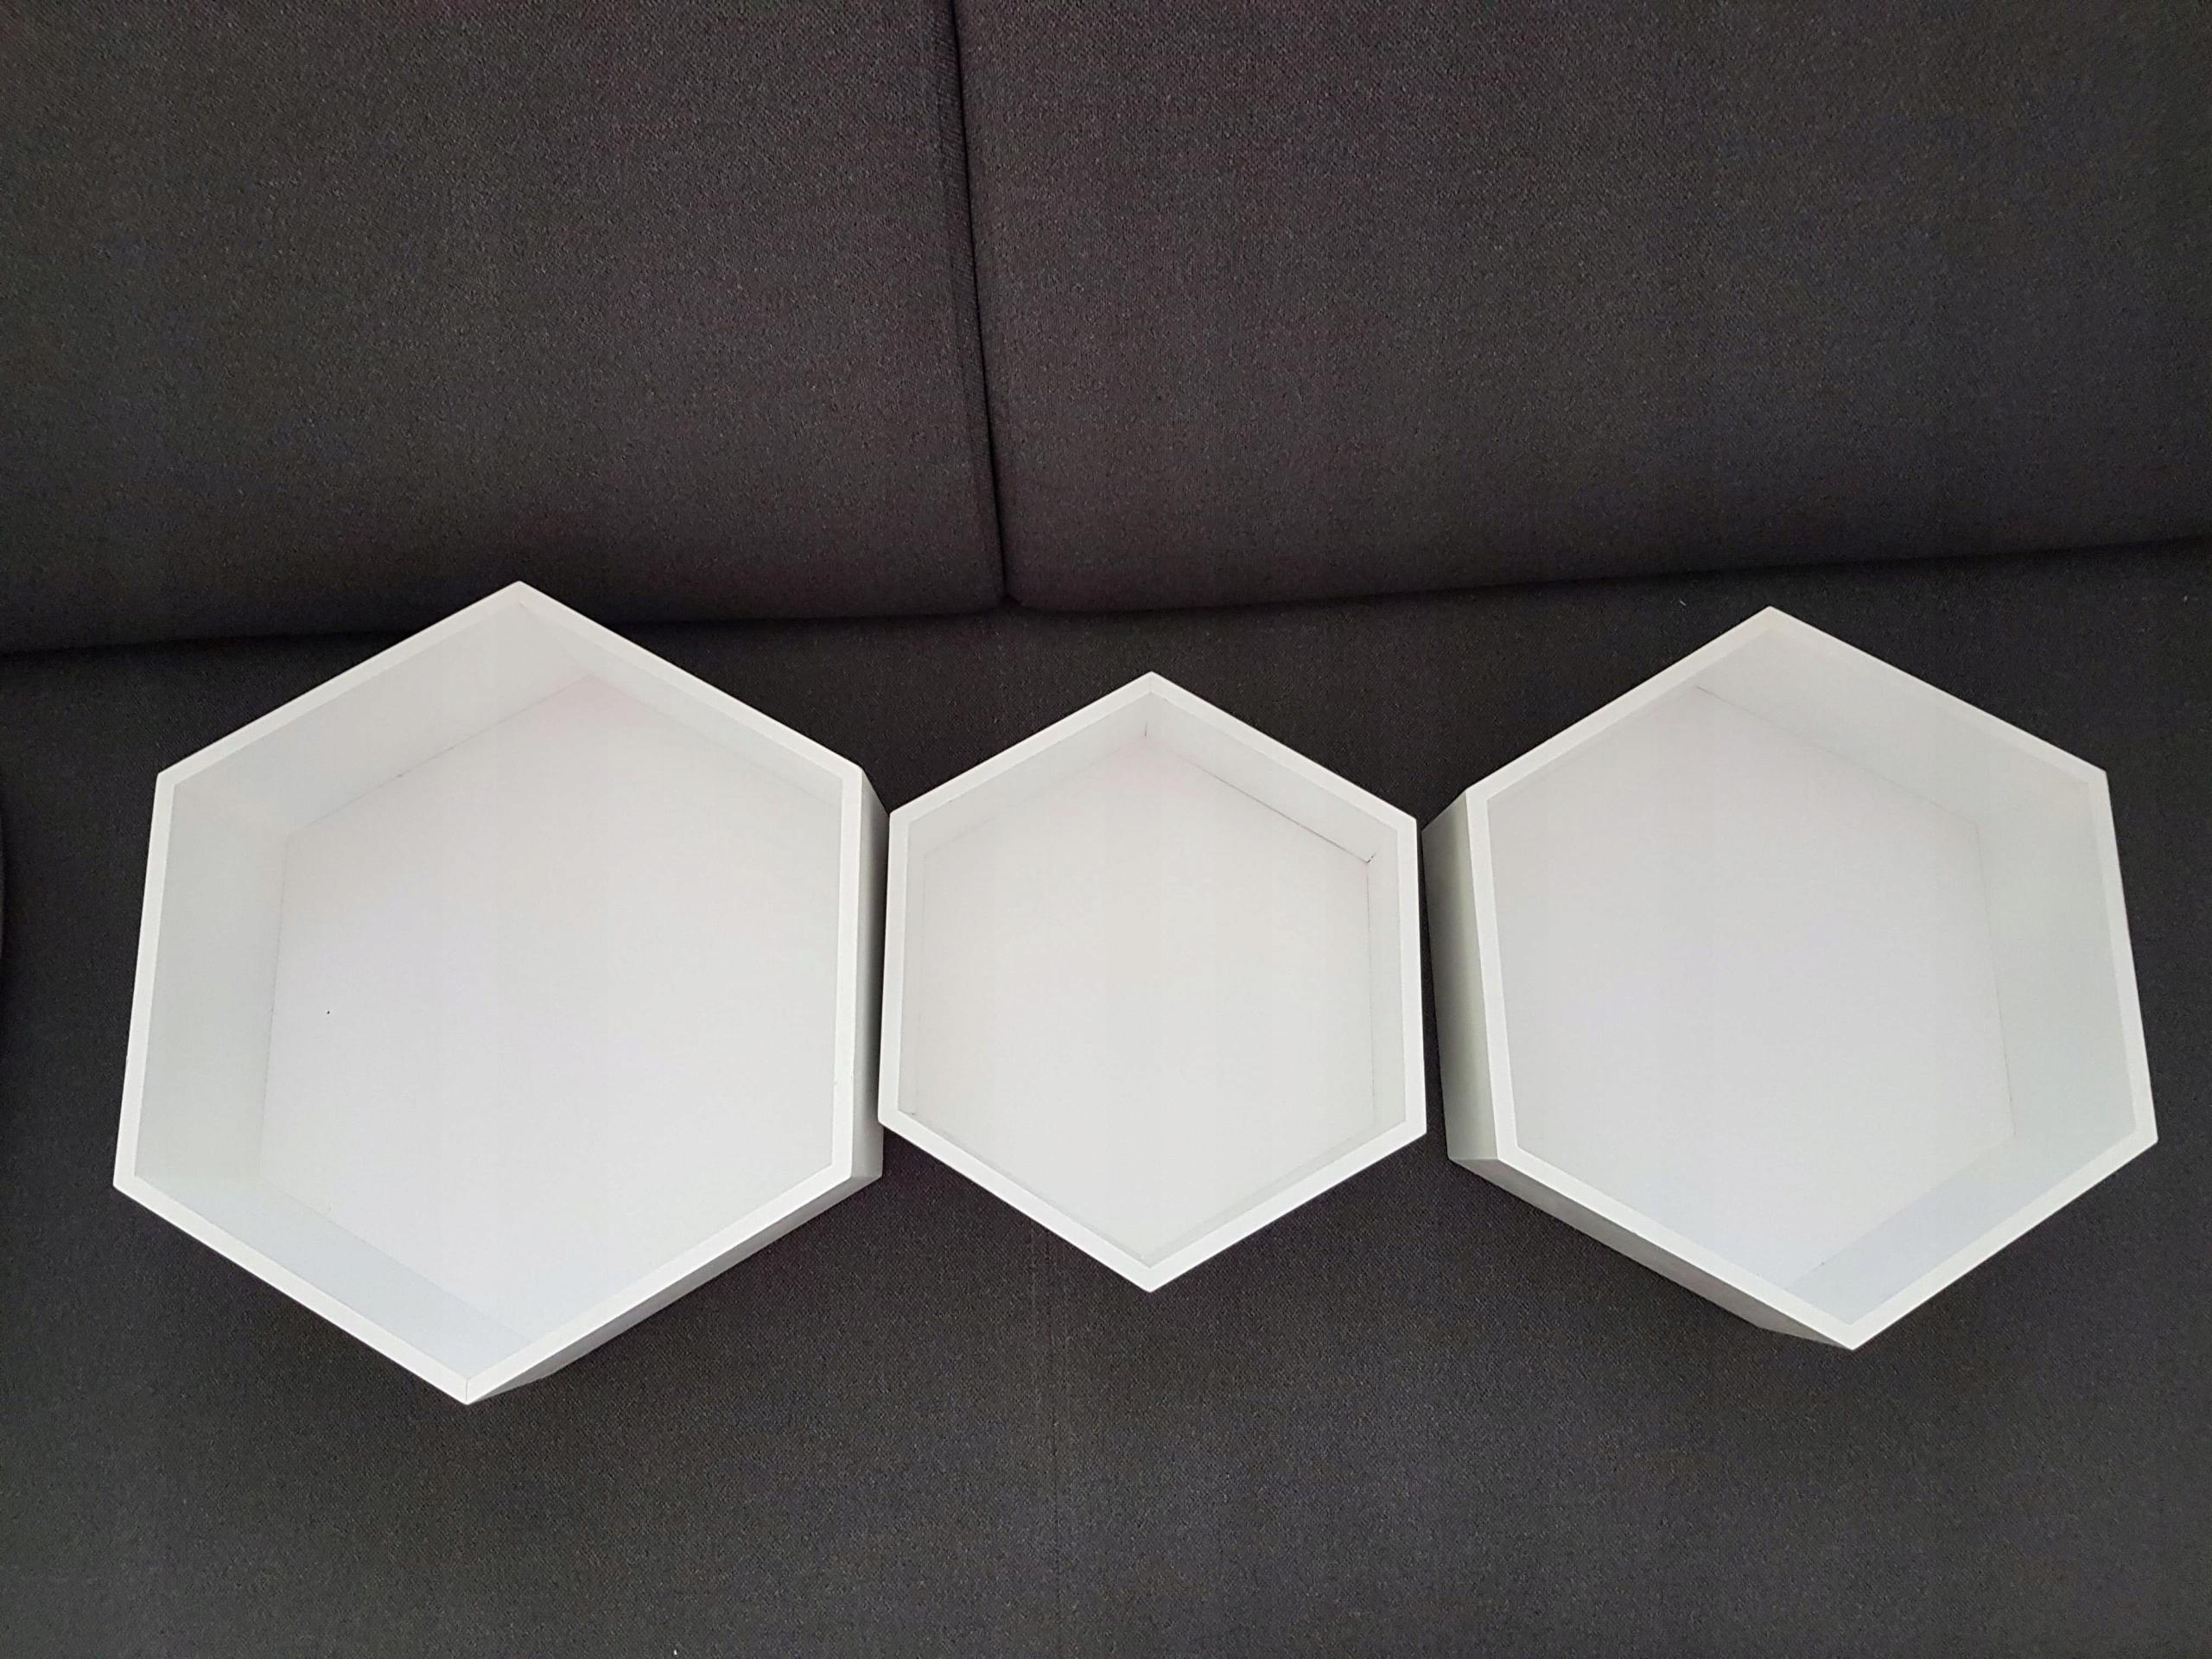 Zestaw Drewniane Półki 3 Szt Plaster Miodu Białe